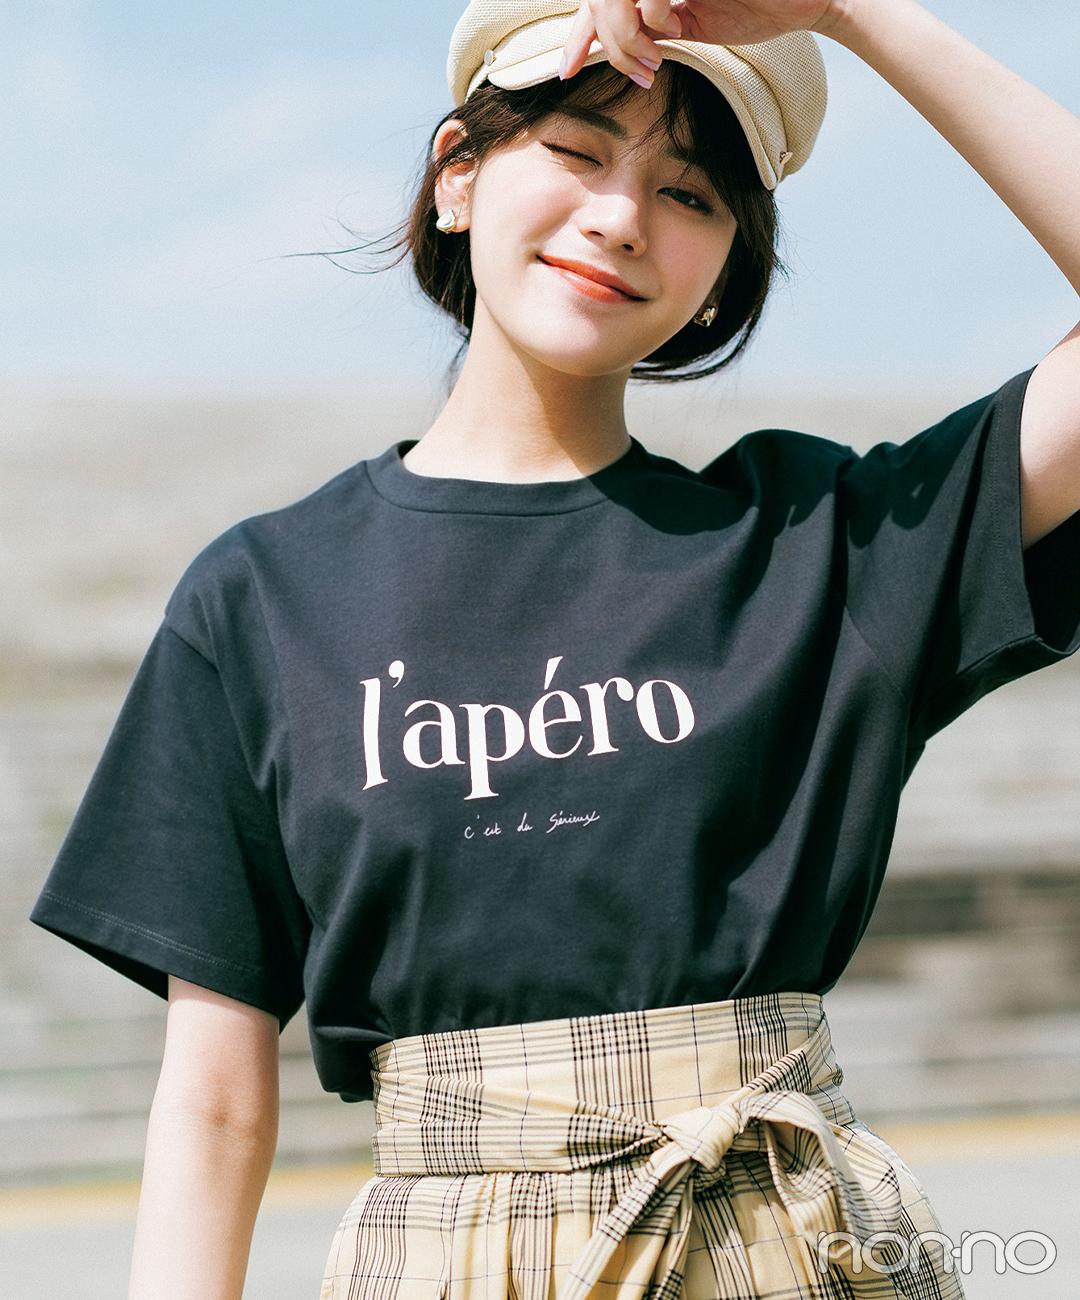 Photo Gallery 天気予報の女神&大人気モデル! 貴島明日香フォトギャラリー_1_5